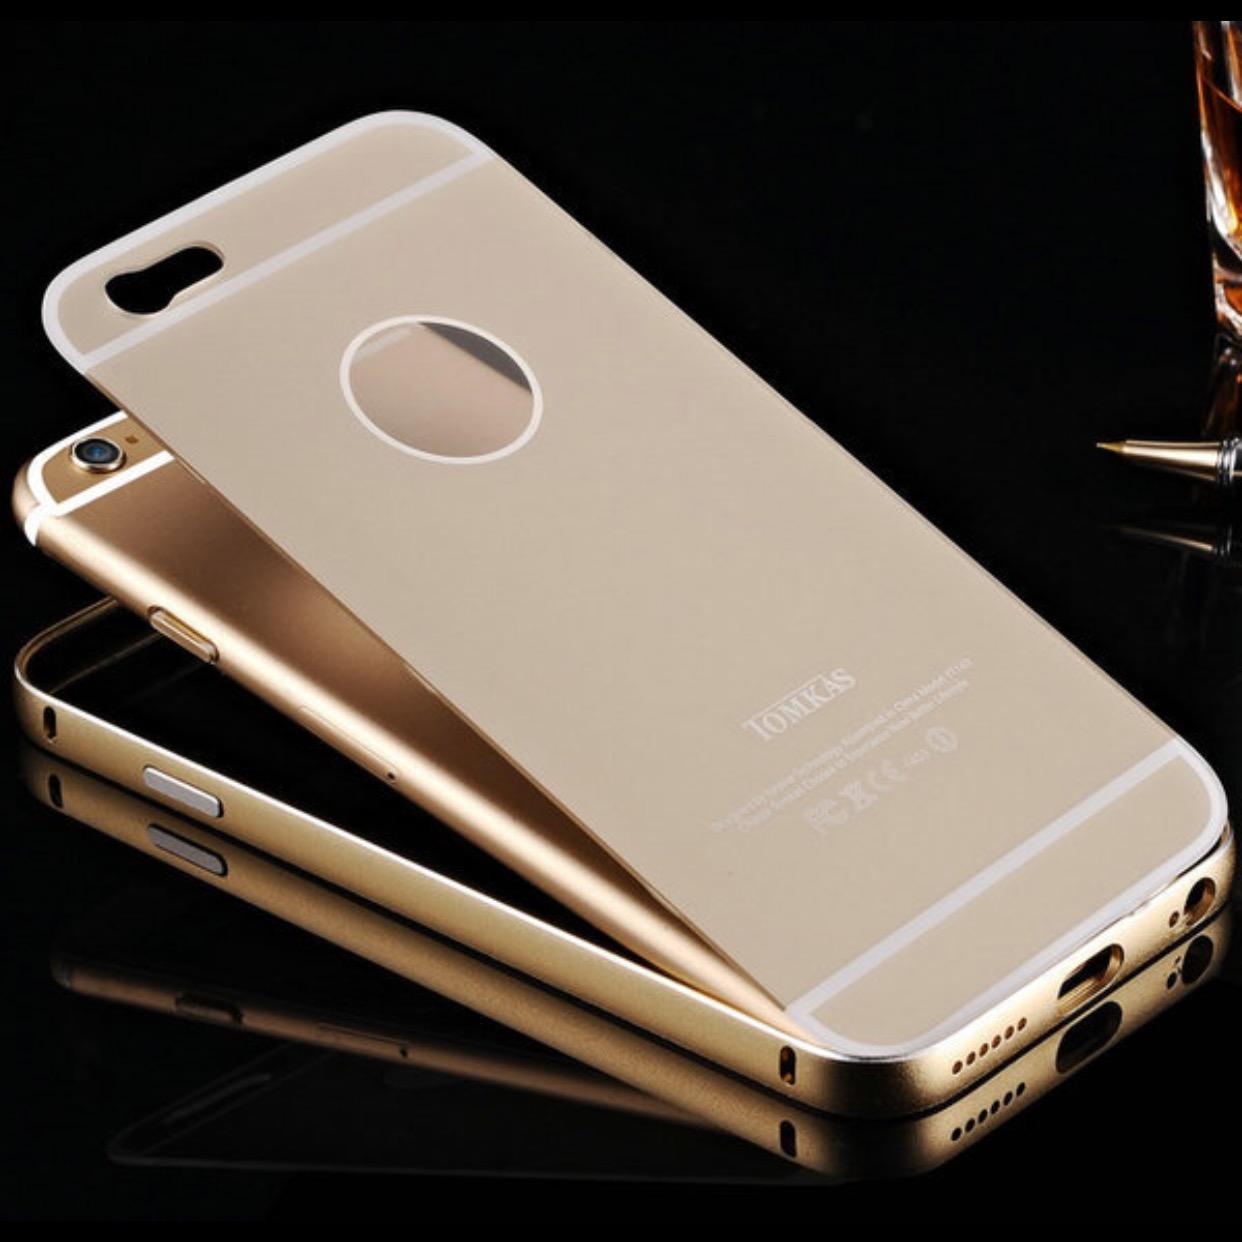 iphone 6plus metal case